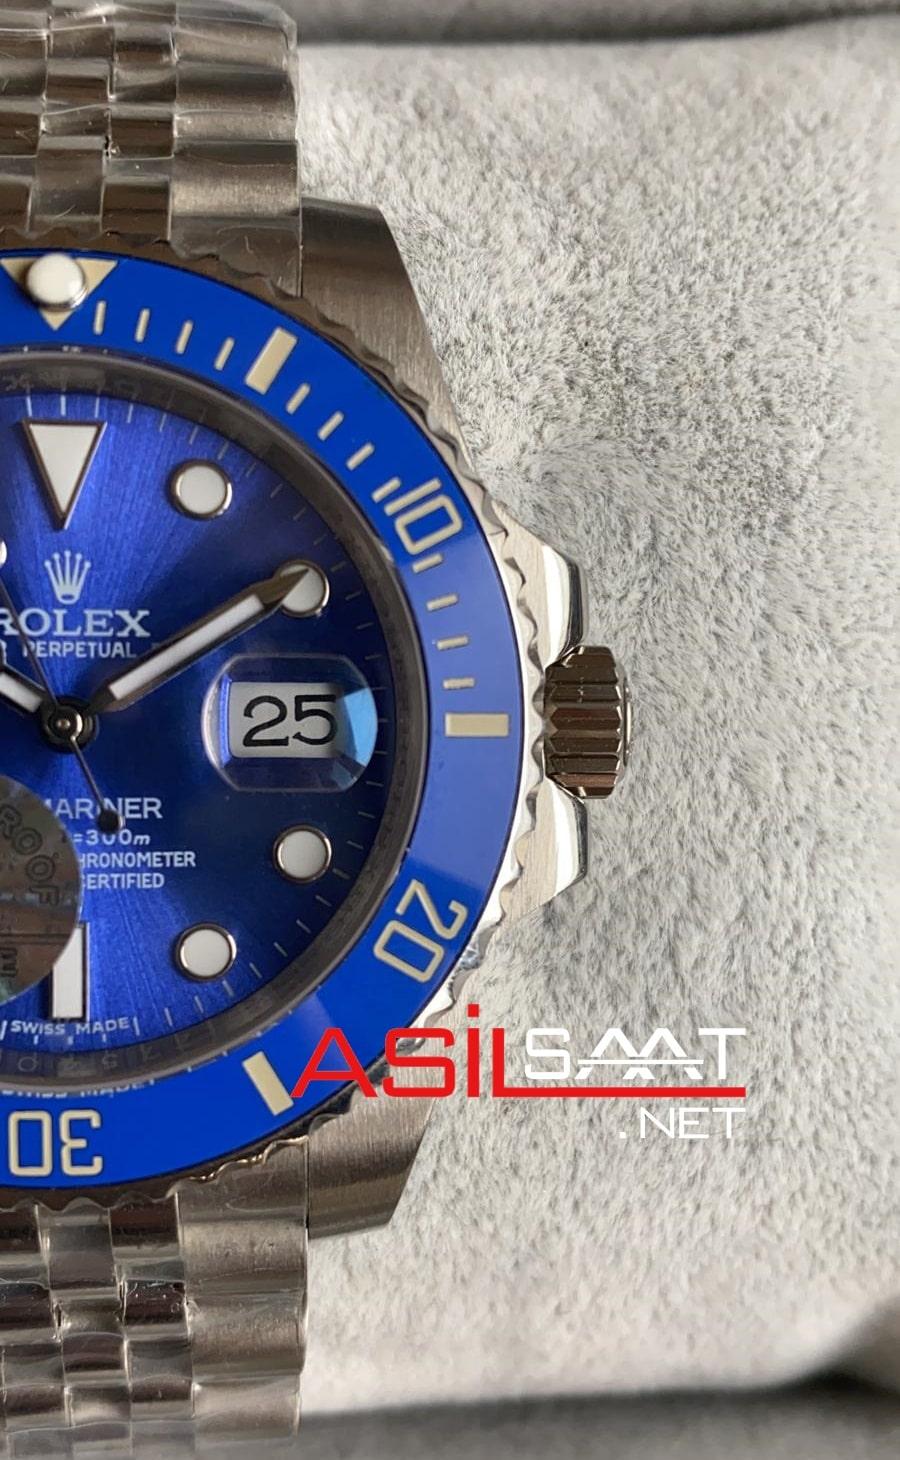 Rolex Jubilee Oyster Perpetual Submariner Smurf Silver Replika Saat ROLS018